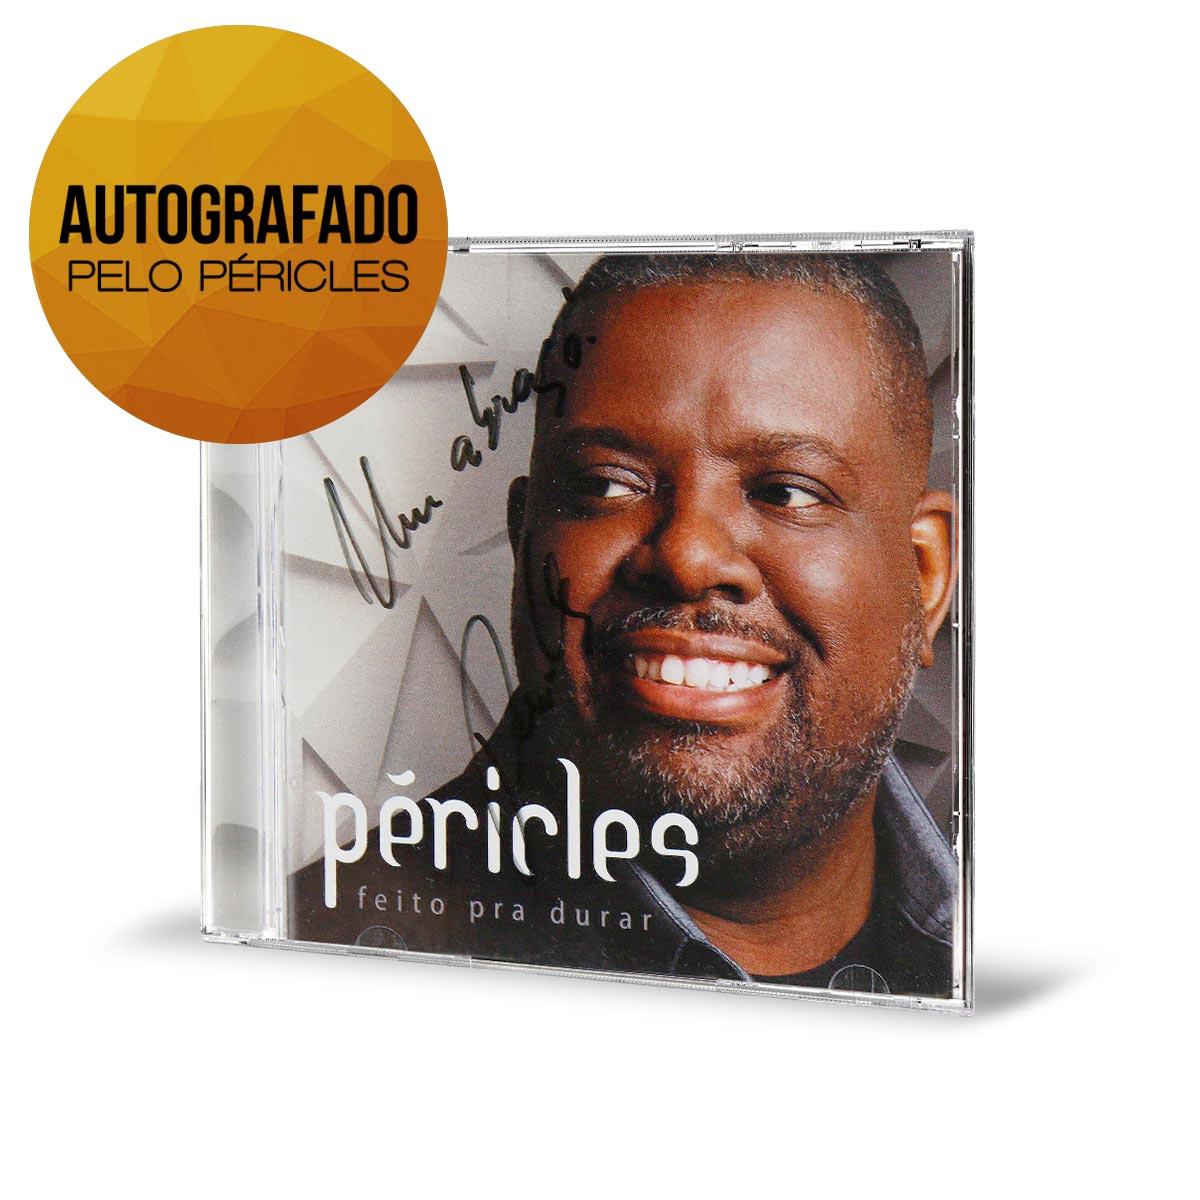 CD AUTOGRAFADO Péricles Feito Pra Durar